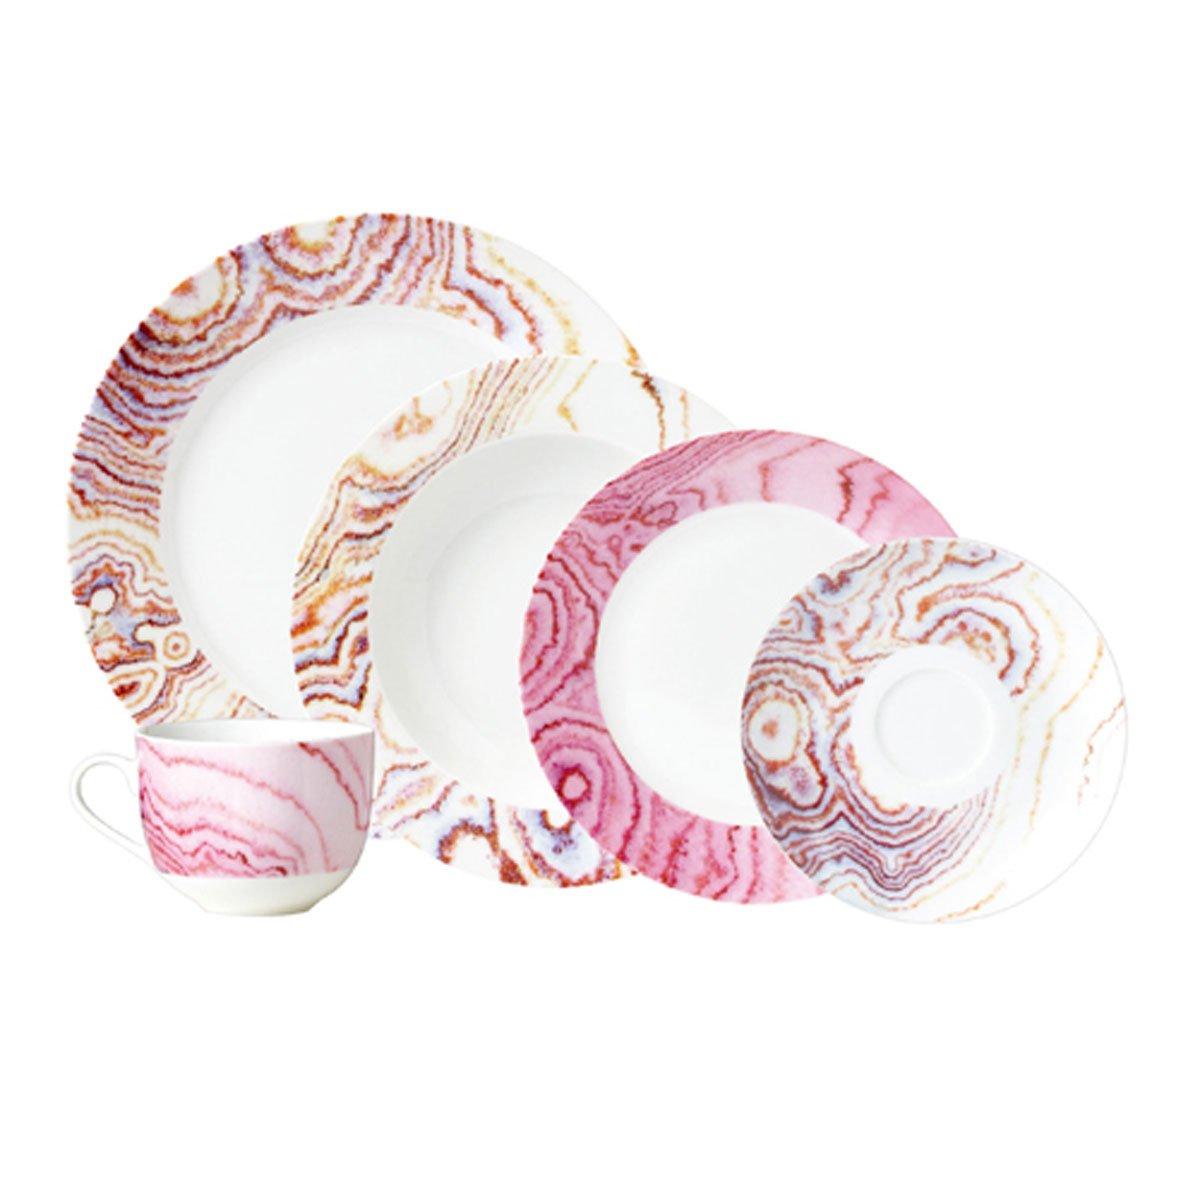 Vajilla 20 piezas porcelana rosa crown baccara sears com for Vajilla rosa